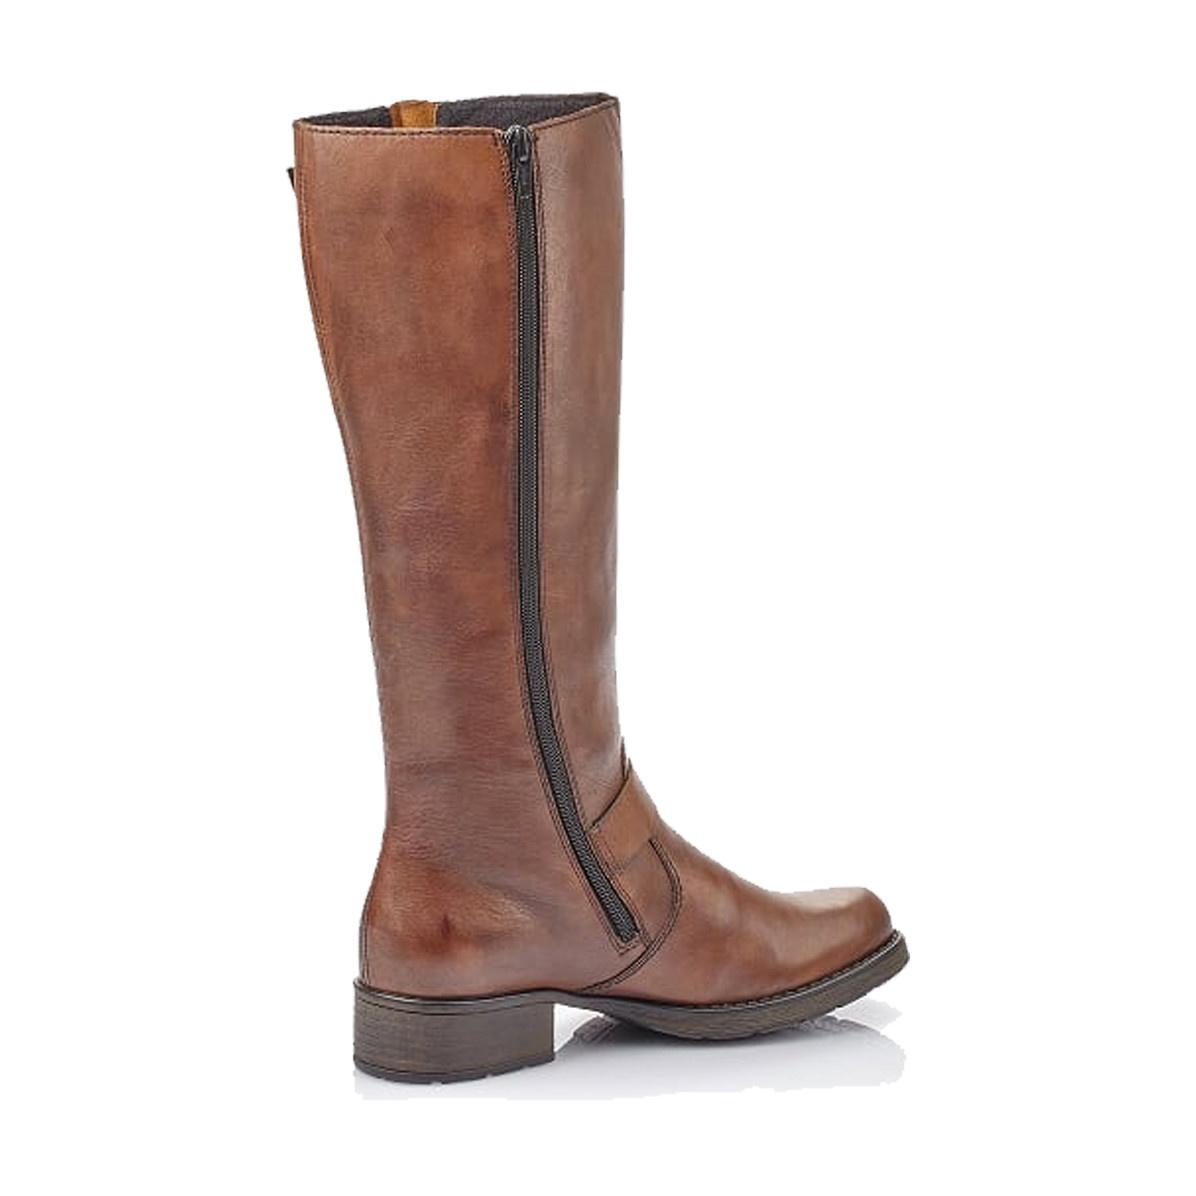 Rieker Rieker Women's Z9580-25 Tall Boot Brown